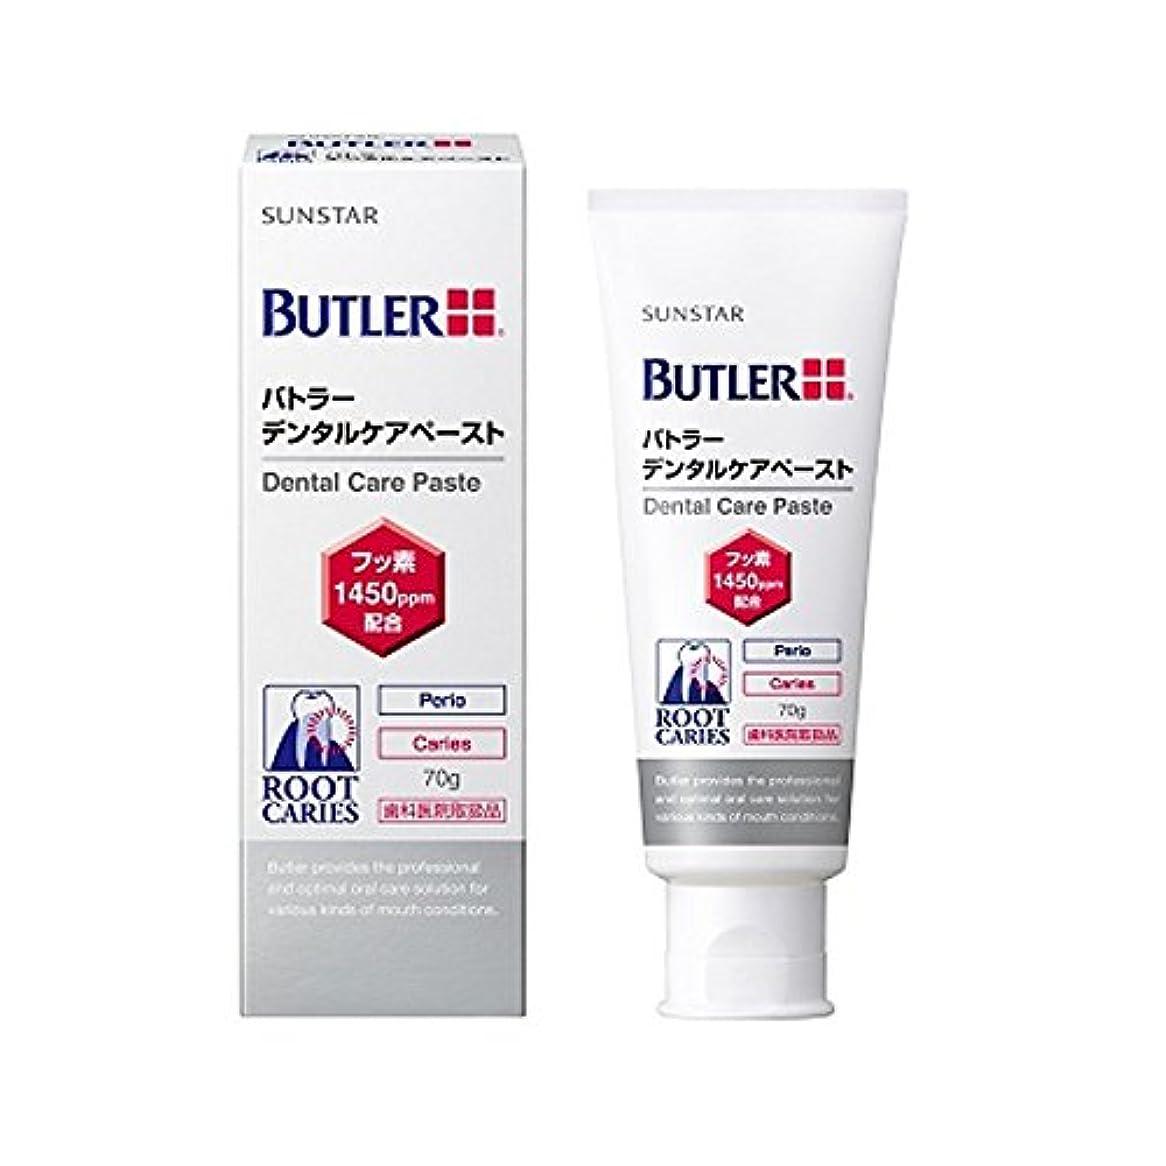 コンサルタント発生する薬BUTLER(バトラー) バトラー?デンタルケアペースト70g [医薬部外品]